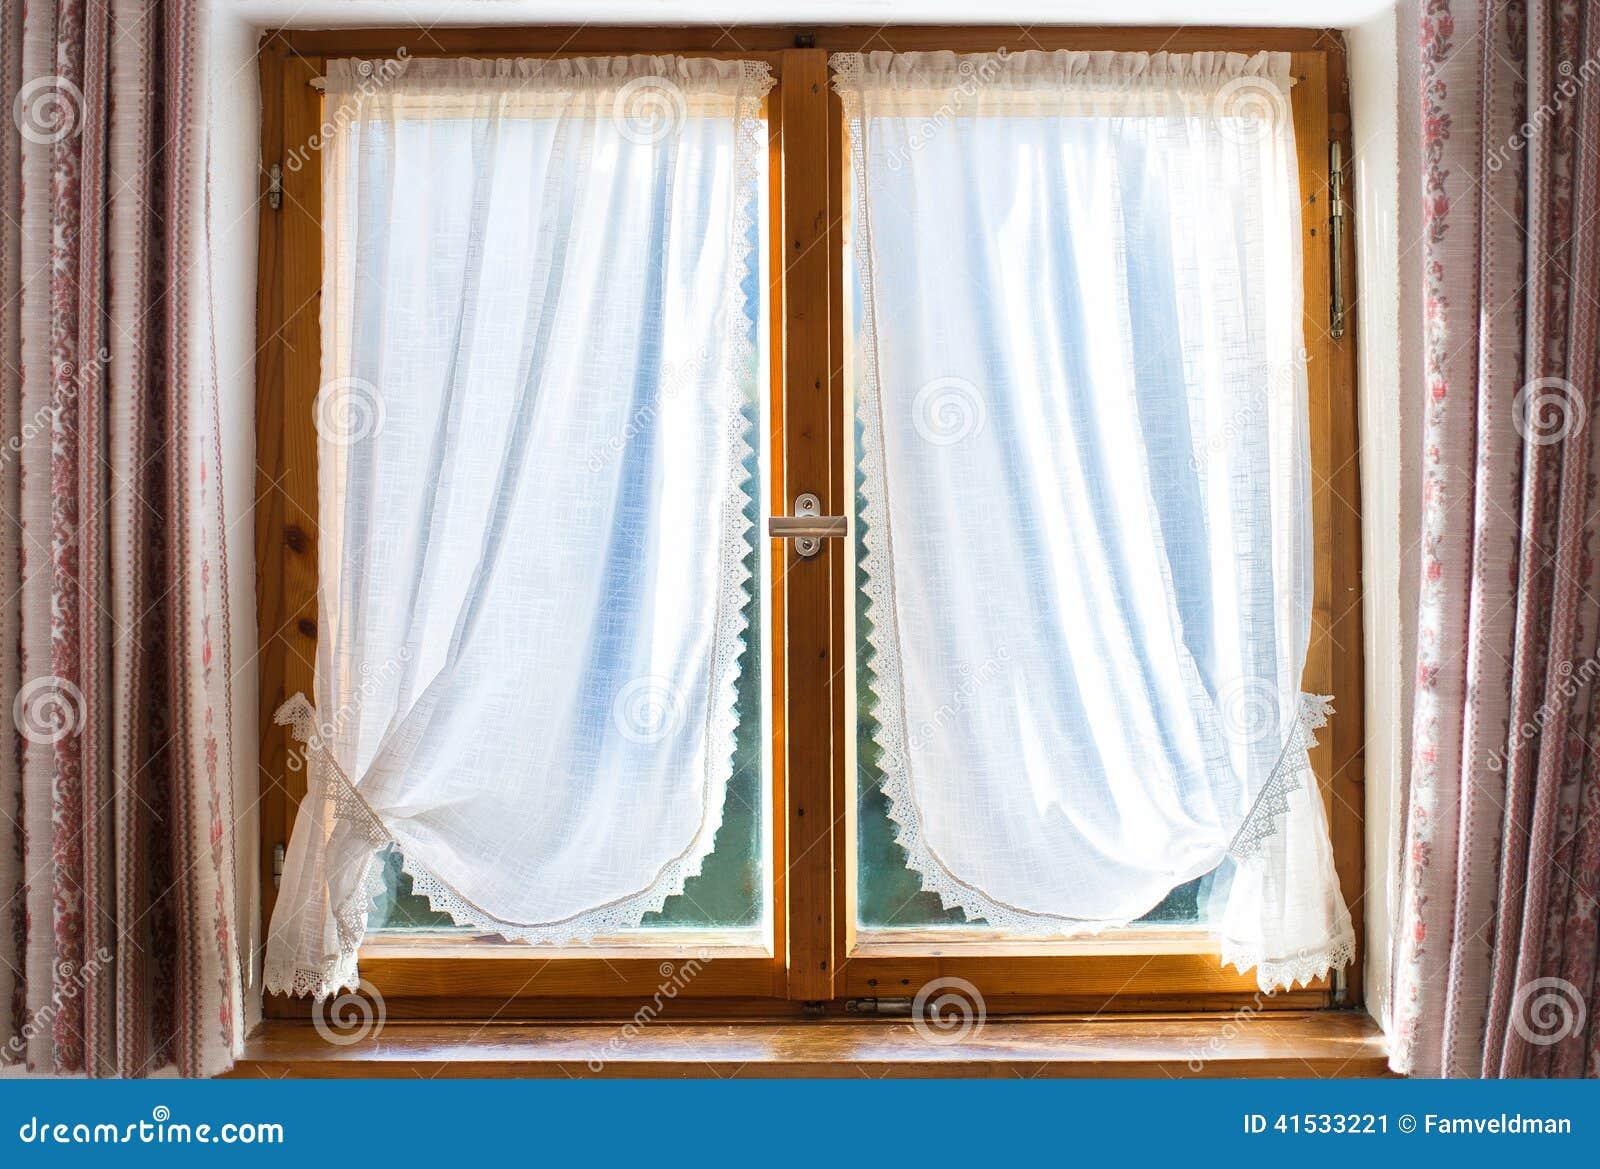 vieille fen tre en bois avec les rideaux blancs image stock image du europ en autriche 41533221. Black Bedroom Furniture Sets. Home Design Ideas